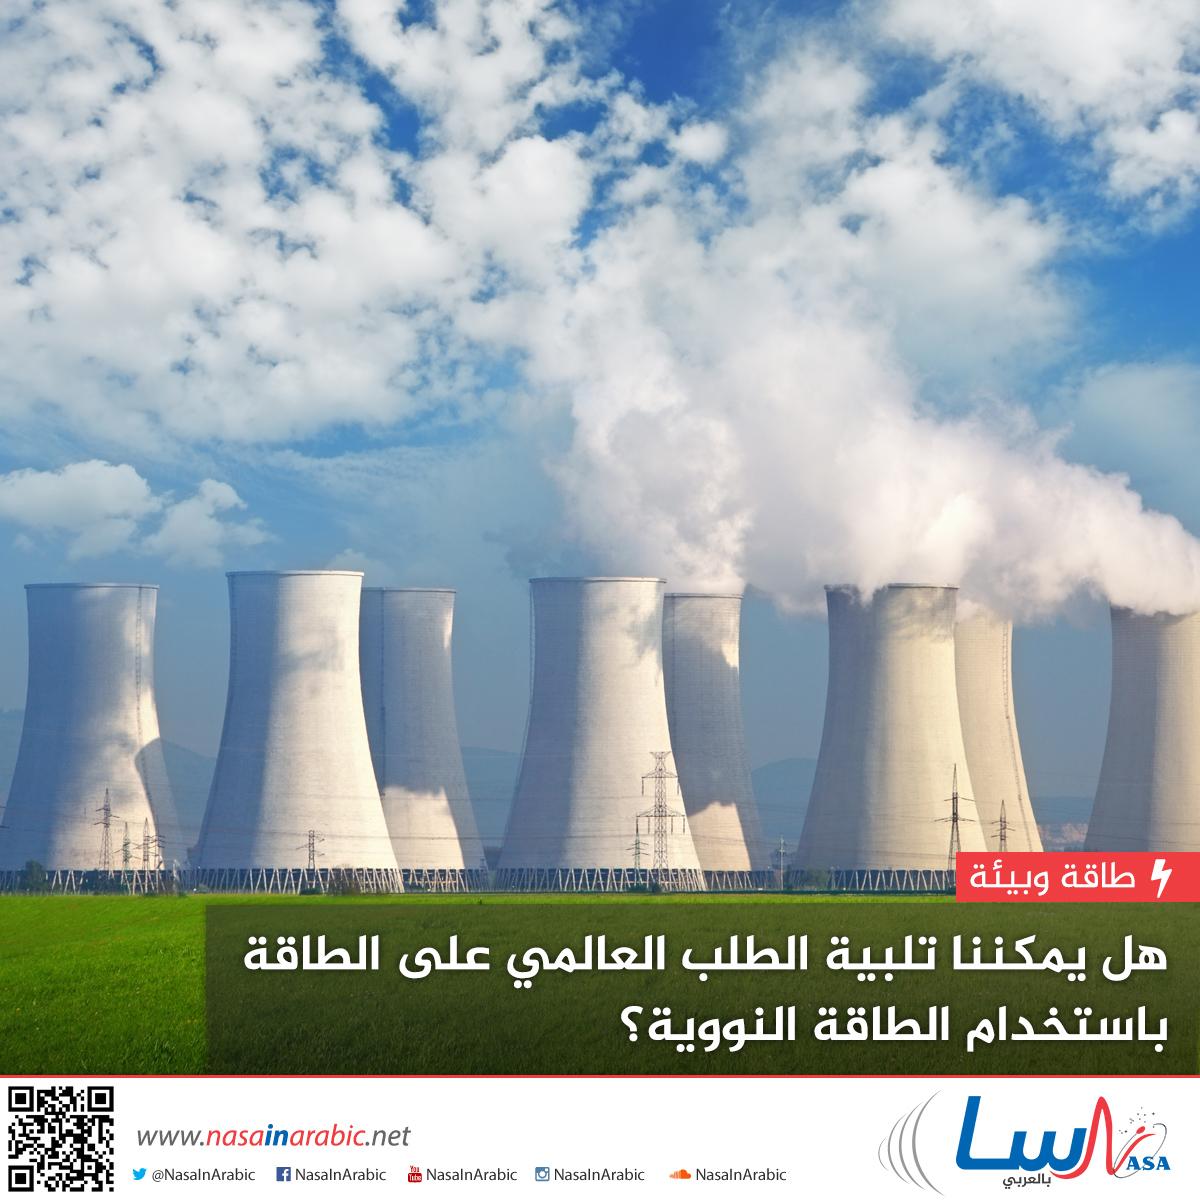 هل يمكننا تلبية الطلب العالمي على الطاقة باستخدام الطاقة النووية؟